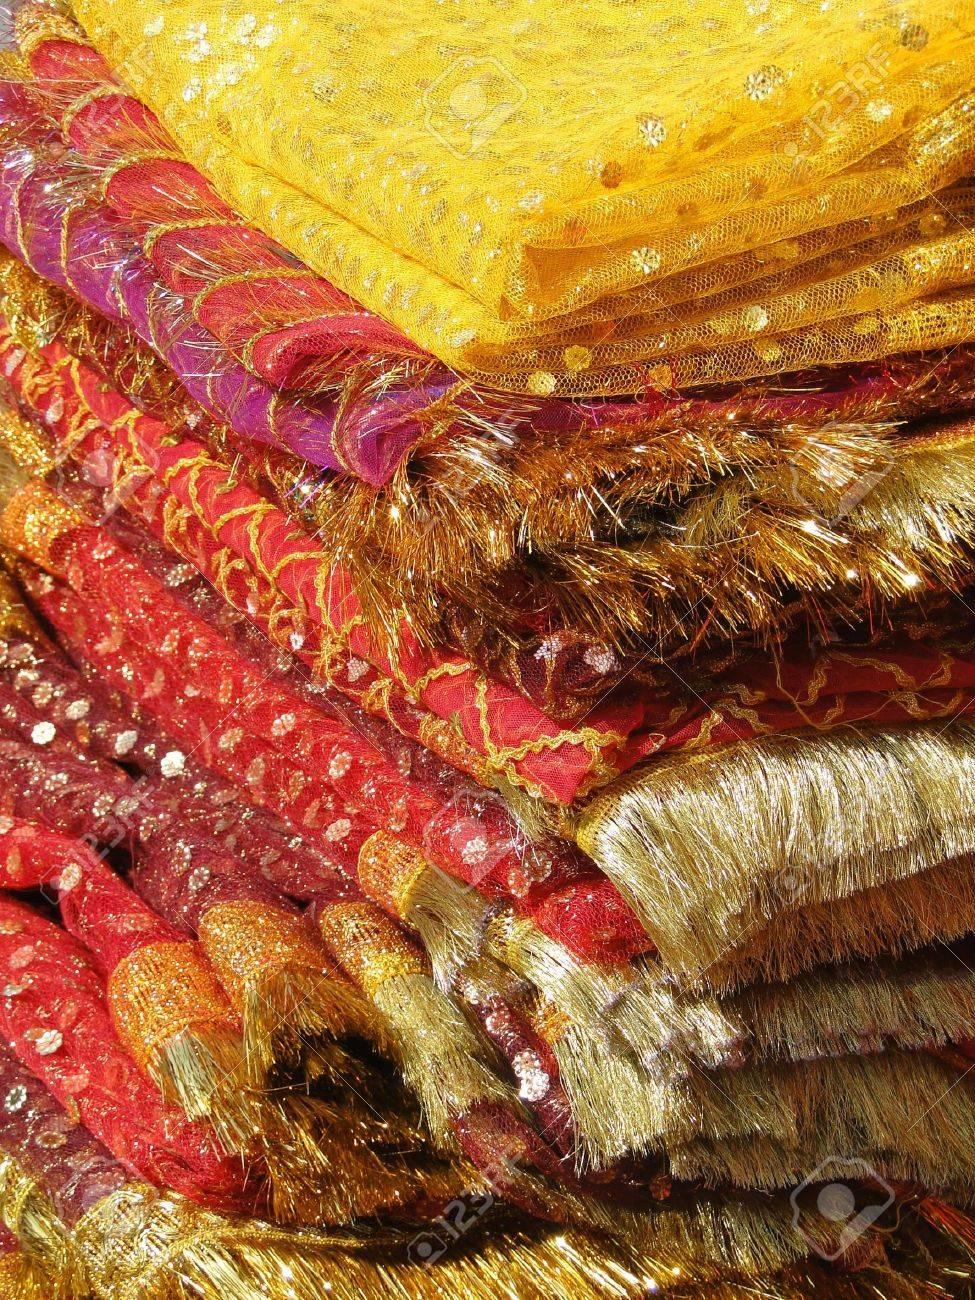 Fine silk brocade saree fabric in Lad Bazaar in Charminar, Hyderabad, Andhra Pradesh, India, Asia - 7115885